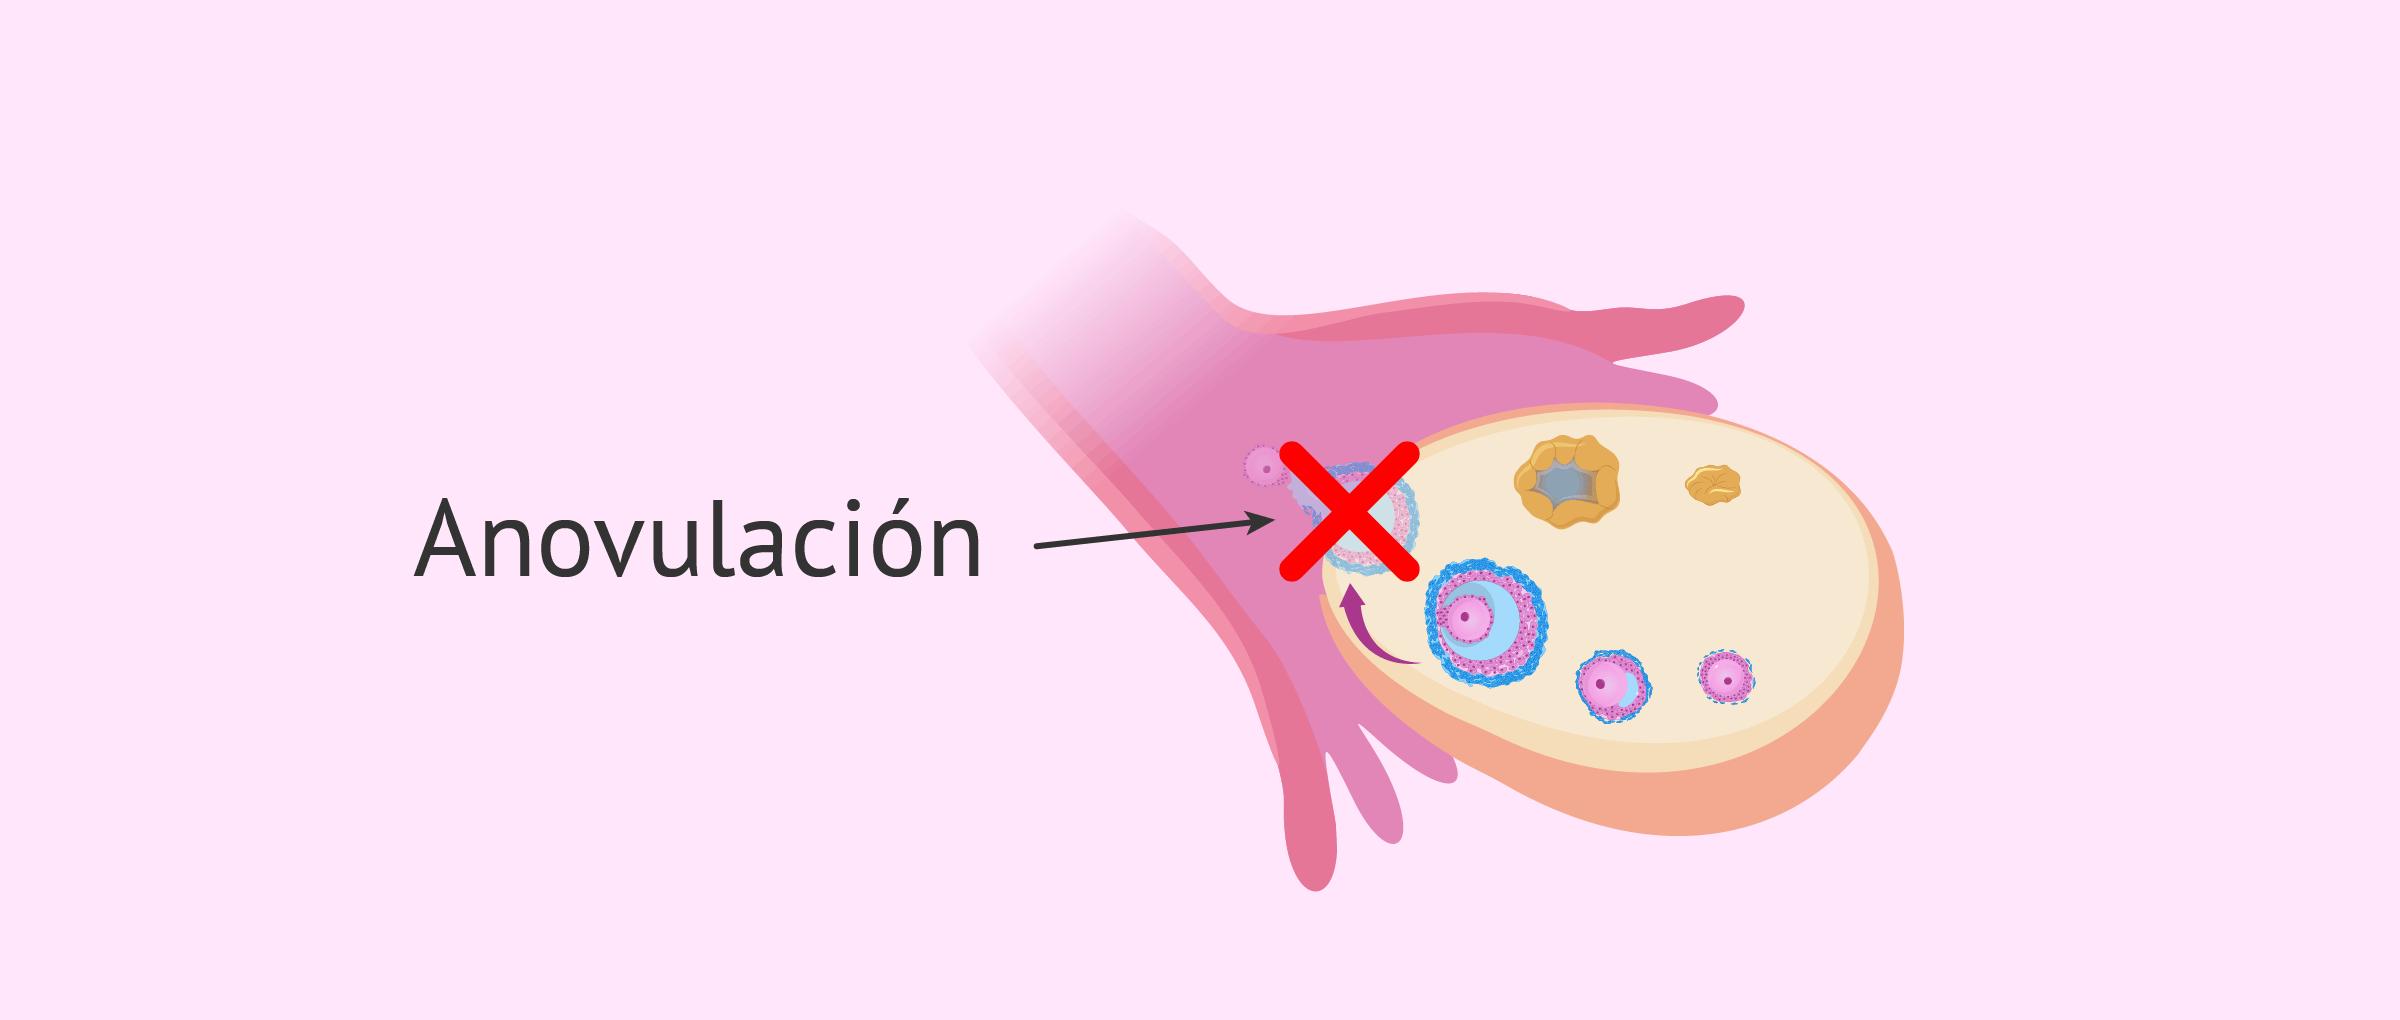 Qué es la anovulación? - Causas, síntomas y tratamiento